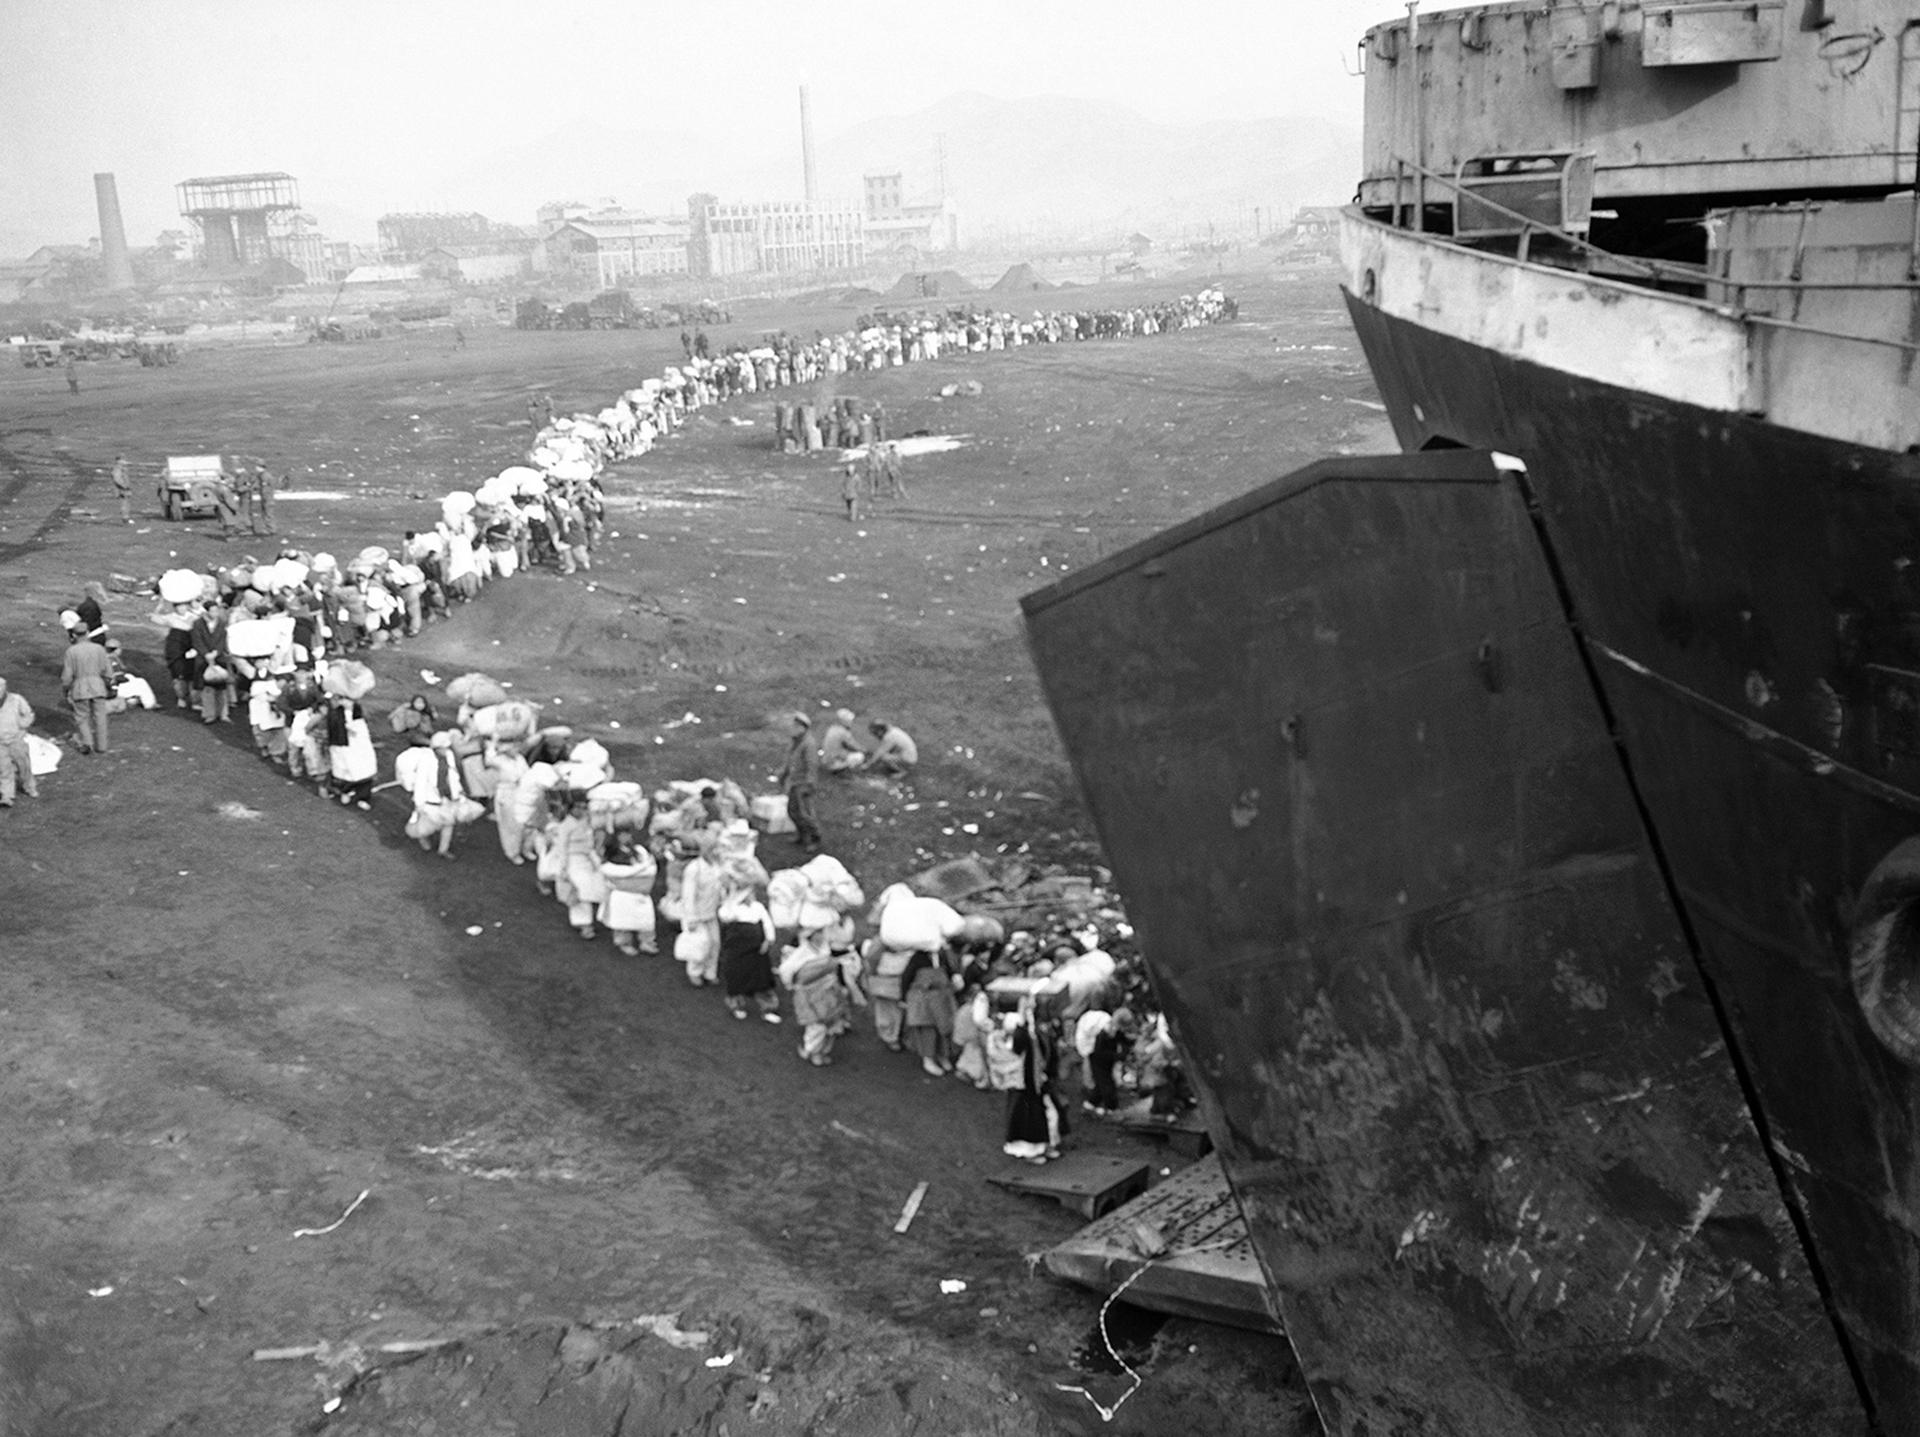 Una larga fila de refugiados de Corea, abordan un buque en el puerto de Hungnam, Corea del Norte el 21 de diciembre de 1950, escapando de los avances de los comunistas chinos y norcoreanos (AP)